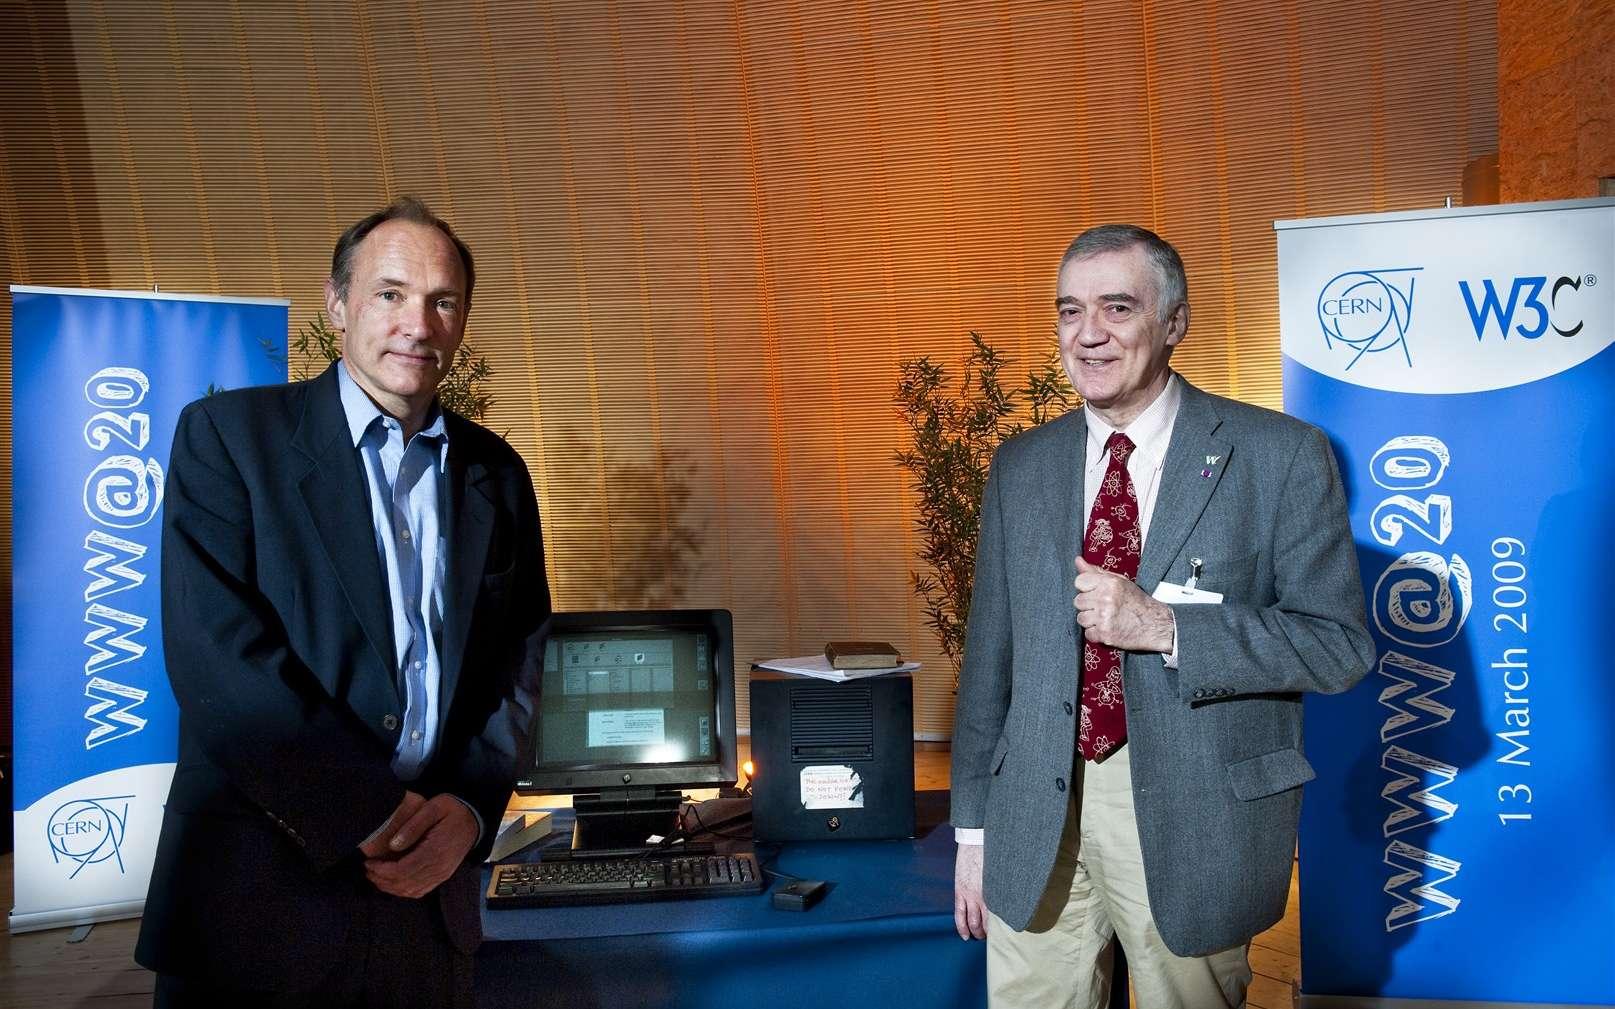 De gauche à droite, Tim Berners-Lee et Robert Cailliau, les deux pionniers du WWW lors de son vingtième anniversaire au Cern. © Cern